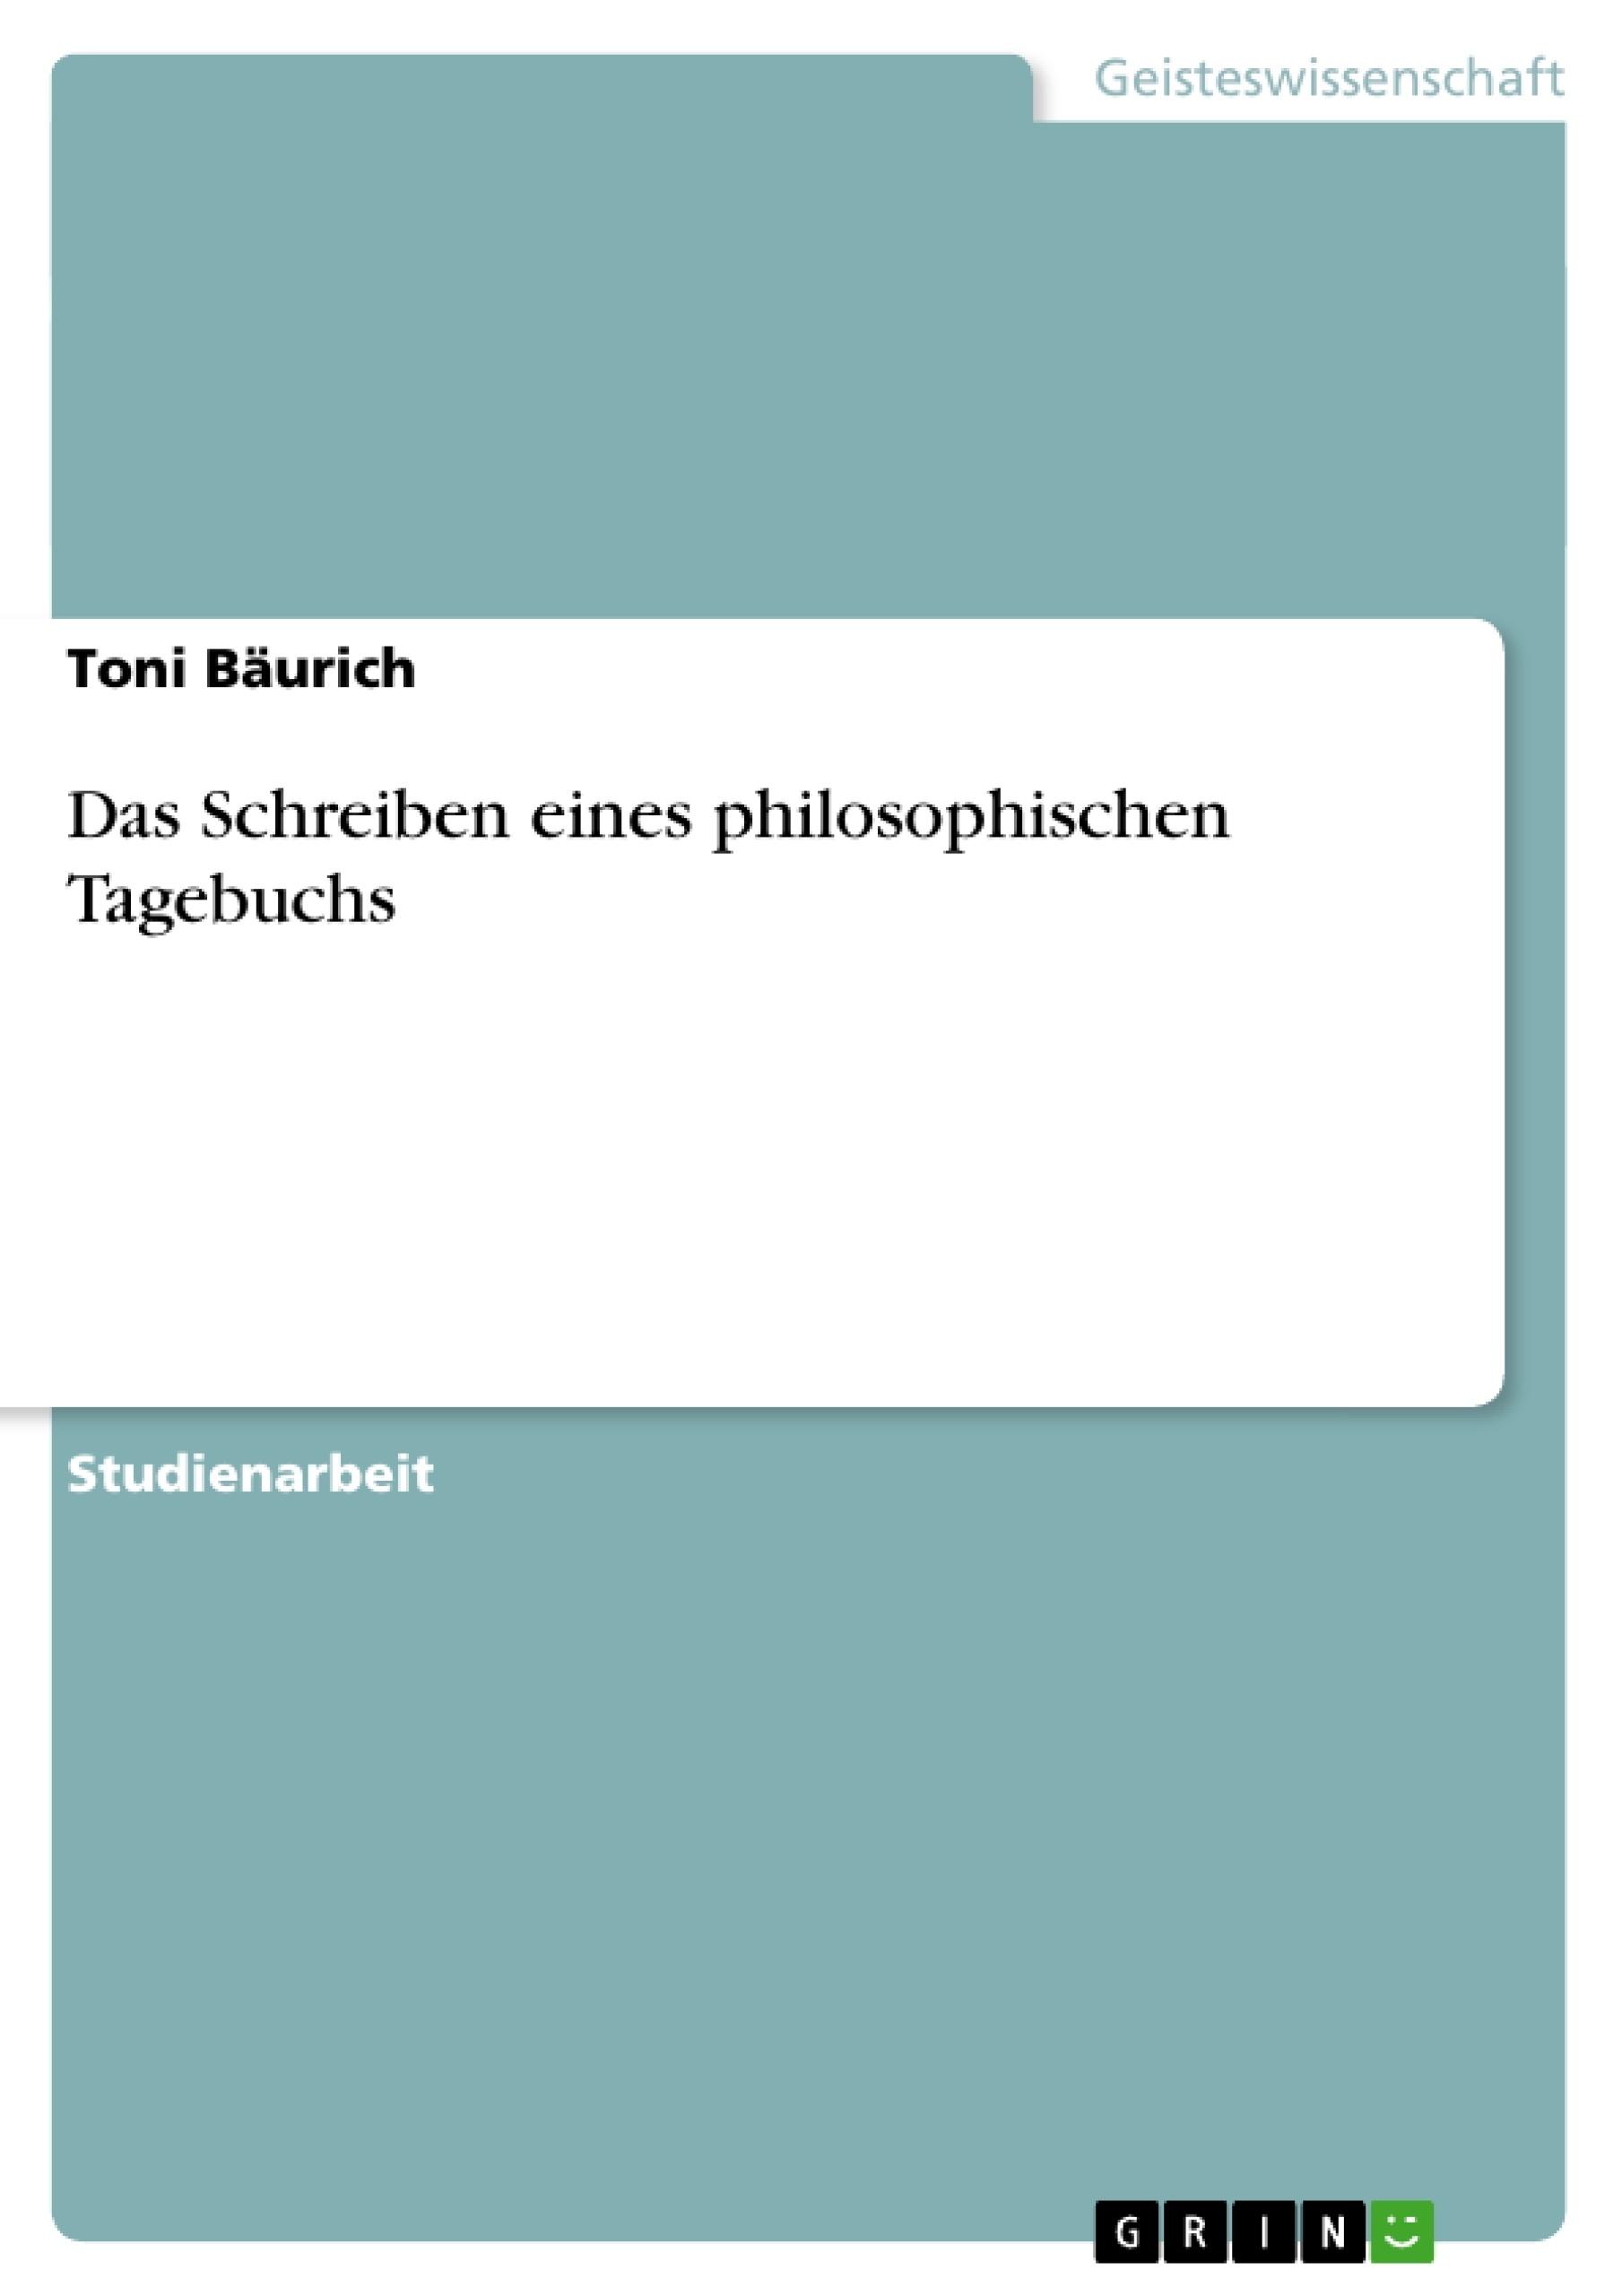 Titel: Das Schreiben eines philosophischen Tagebuchs